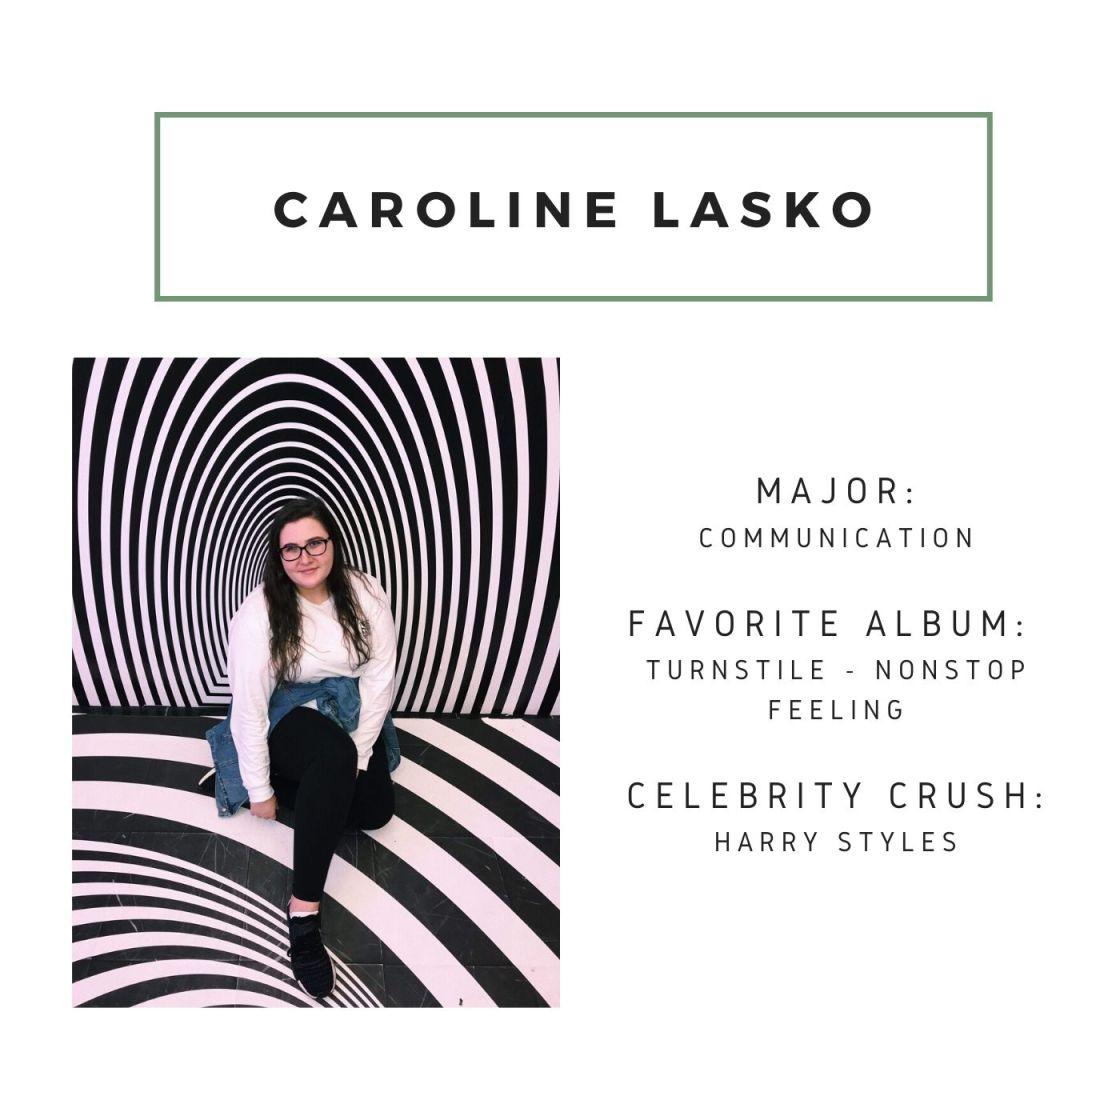 Caroline Lasko